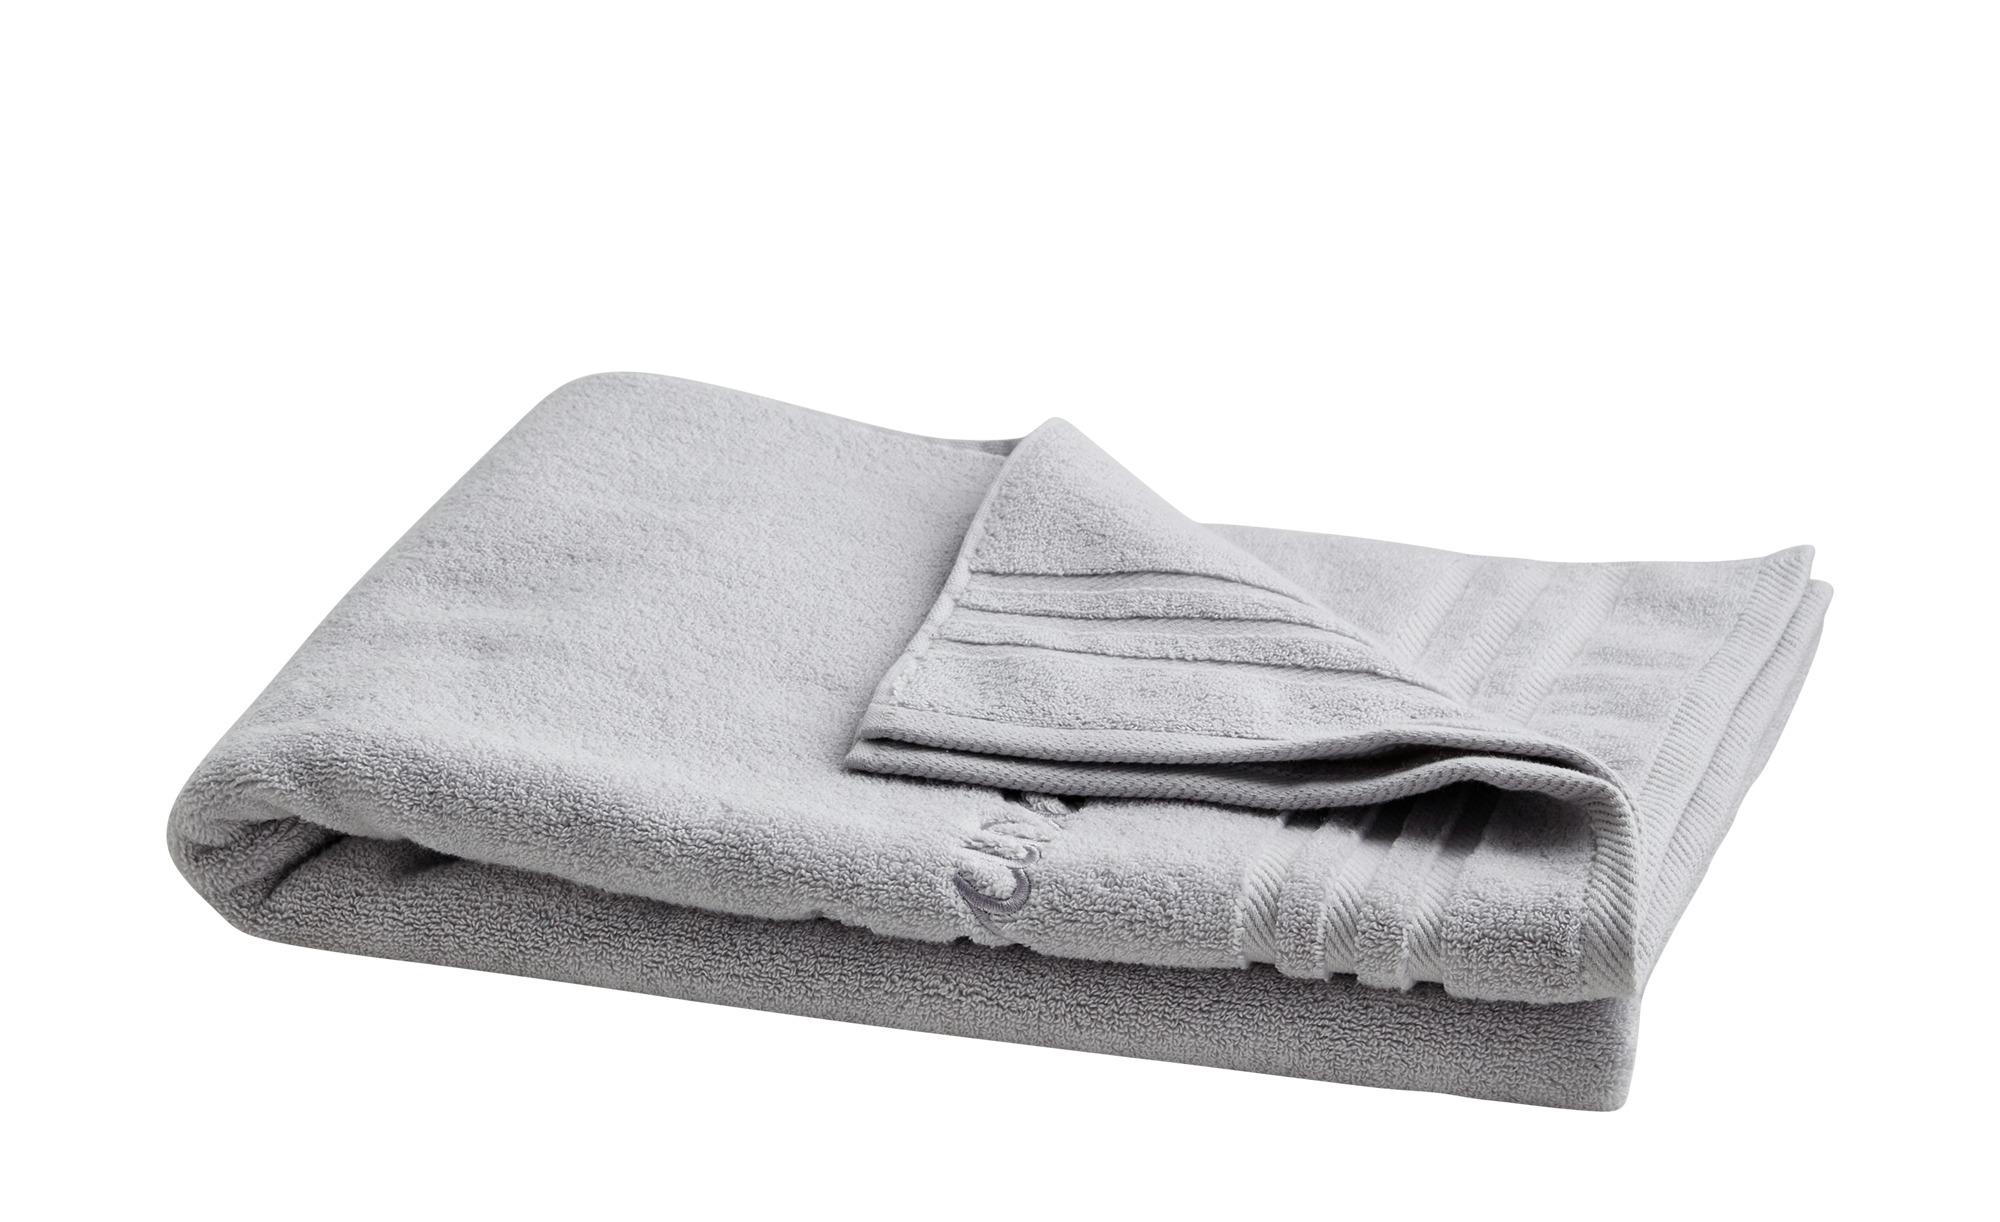 for friends Saunatuch  Sauna Soft Cotton ¦ grau ¦ reine Baumwolle ¦ Maße (cm): B: 70 Badtextilien und Zubehör > Handtücher & Badetücher > Badetücher & Saunatücher - Höffner